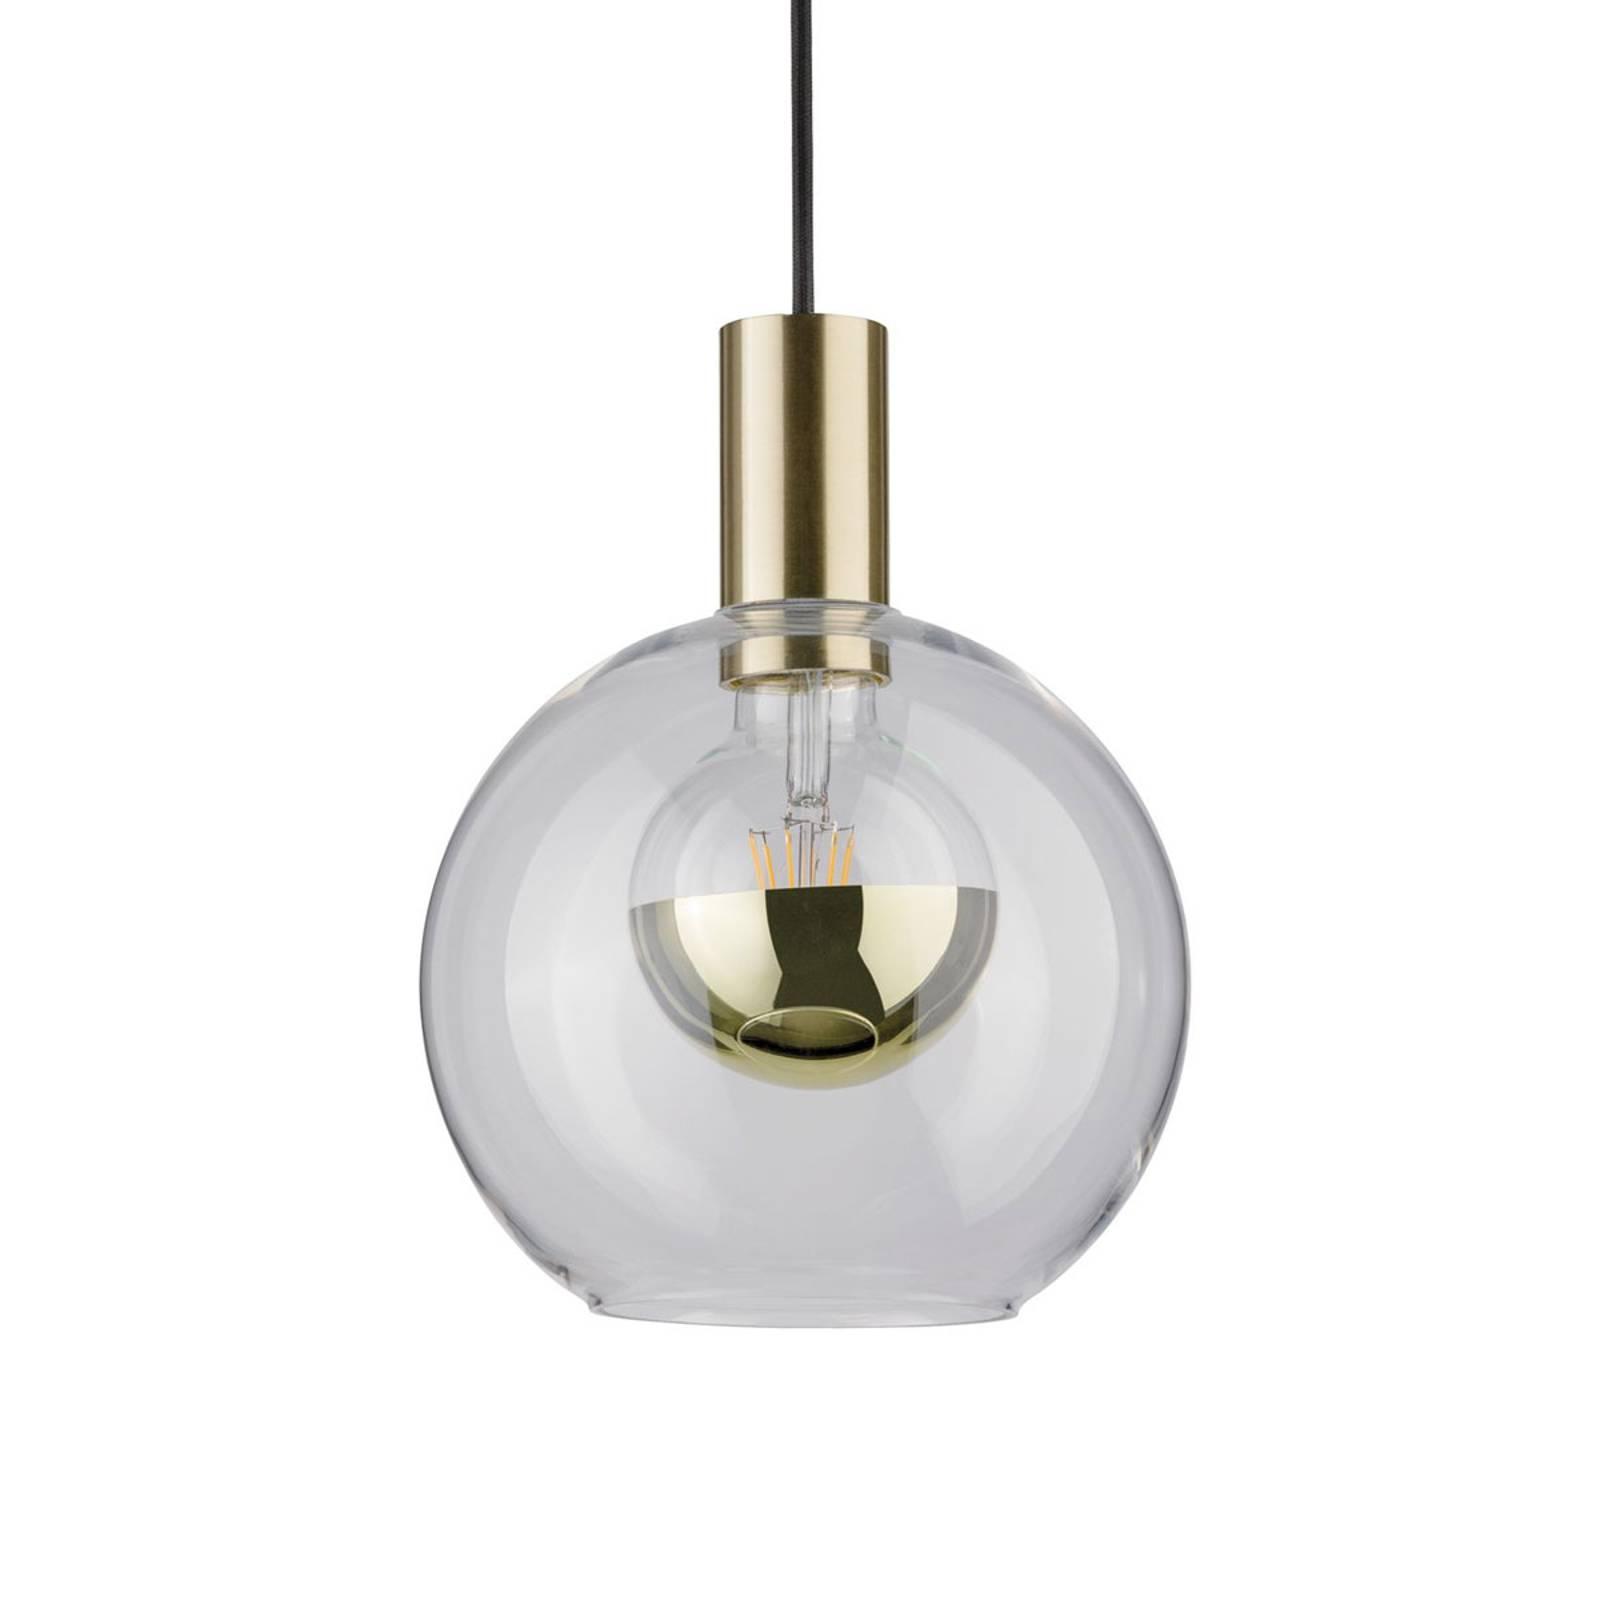 Paulmann Esben glas-hanglamp